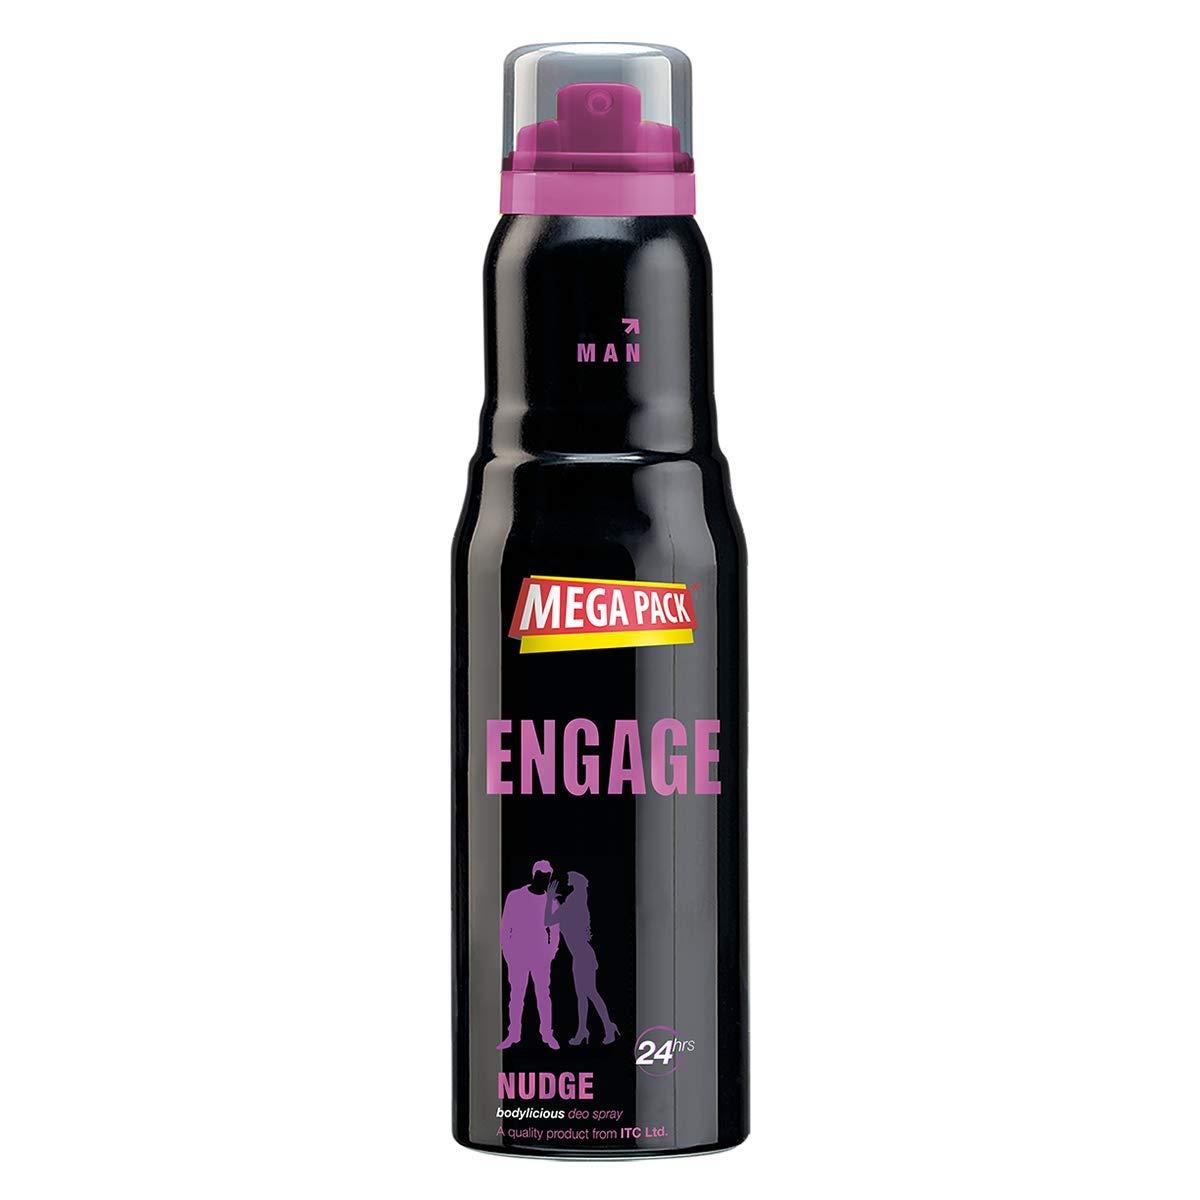 Engage Nudge Deodorant for Men